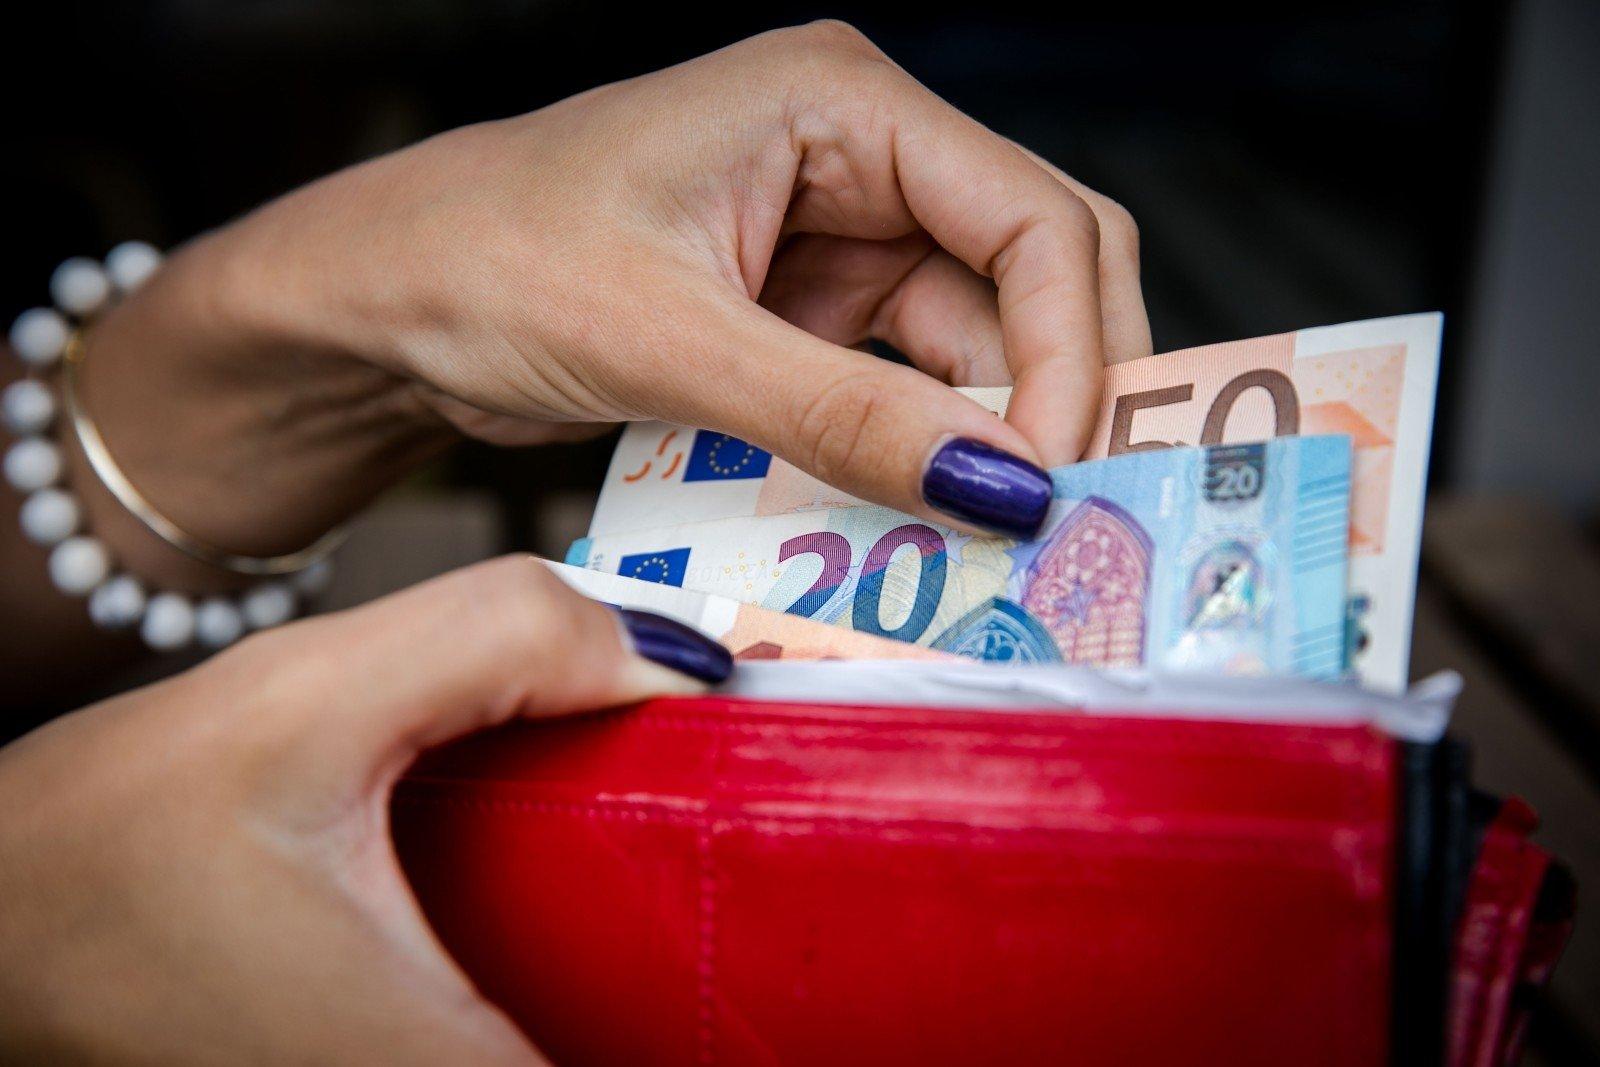 pinig primimo patarimai kaip likti namuose